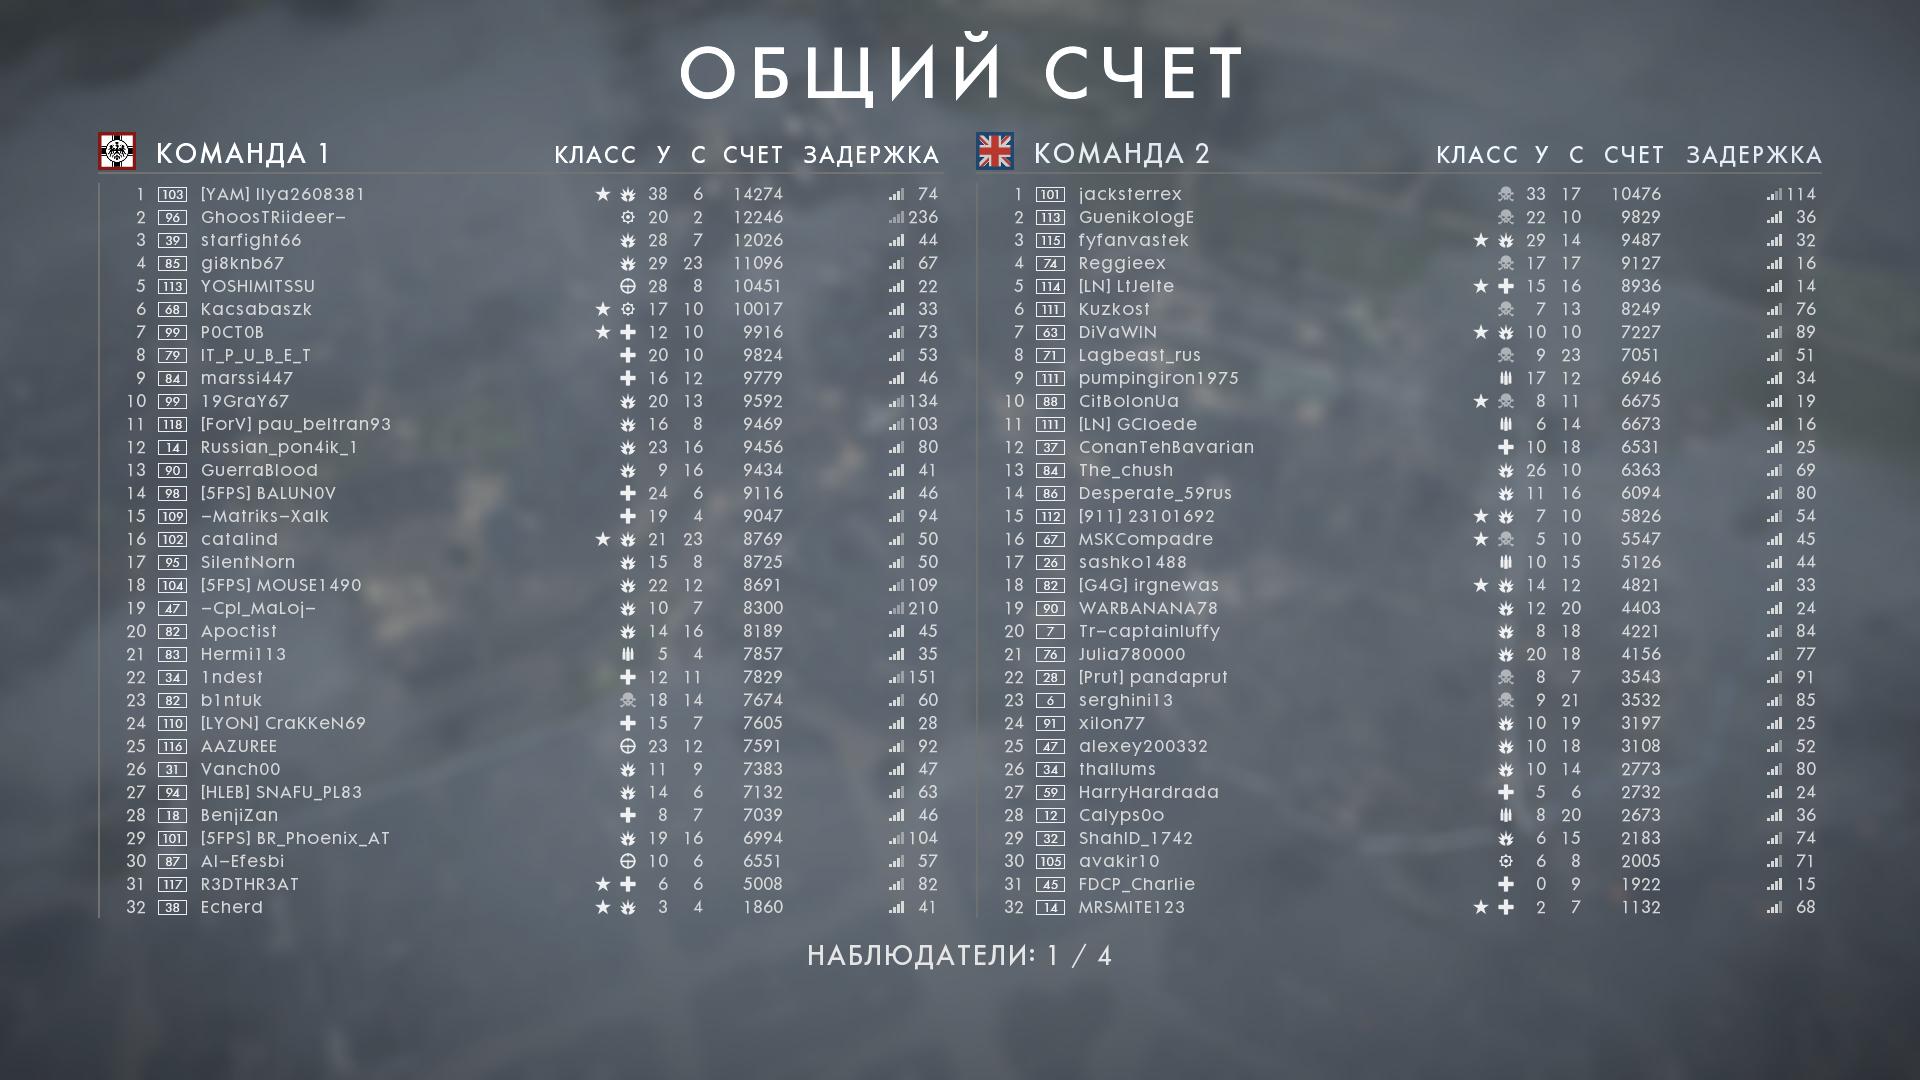 Battlefield 1 Screenshot 2017.09.10 - 17.56.54.30.png